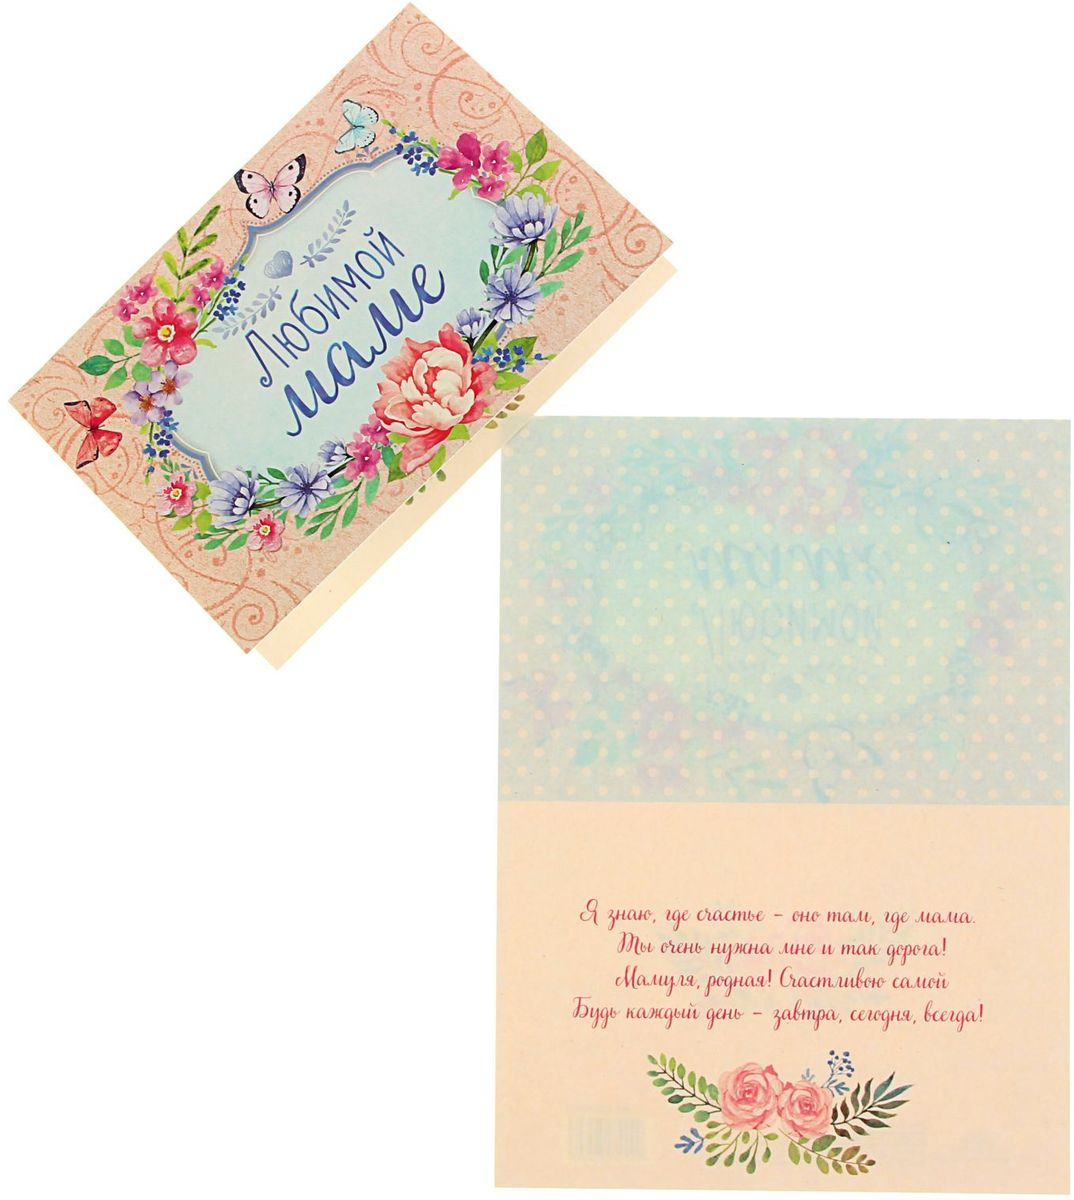 Открытка Дарите cчастье Любимой мамеБрелок для ключейАтмосферу праздника создают детали: свечи, цветы, бокалы, воздушные шары и поздравительные открытки — яркие и весёлые, романтичные и нежные, милые и трогательные. Расскажите о своих чувствах дорогому для вас человеку, поделитесь радостью с близкими и друзьями. Открытка с креативным дизайном вам в этом поможет.